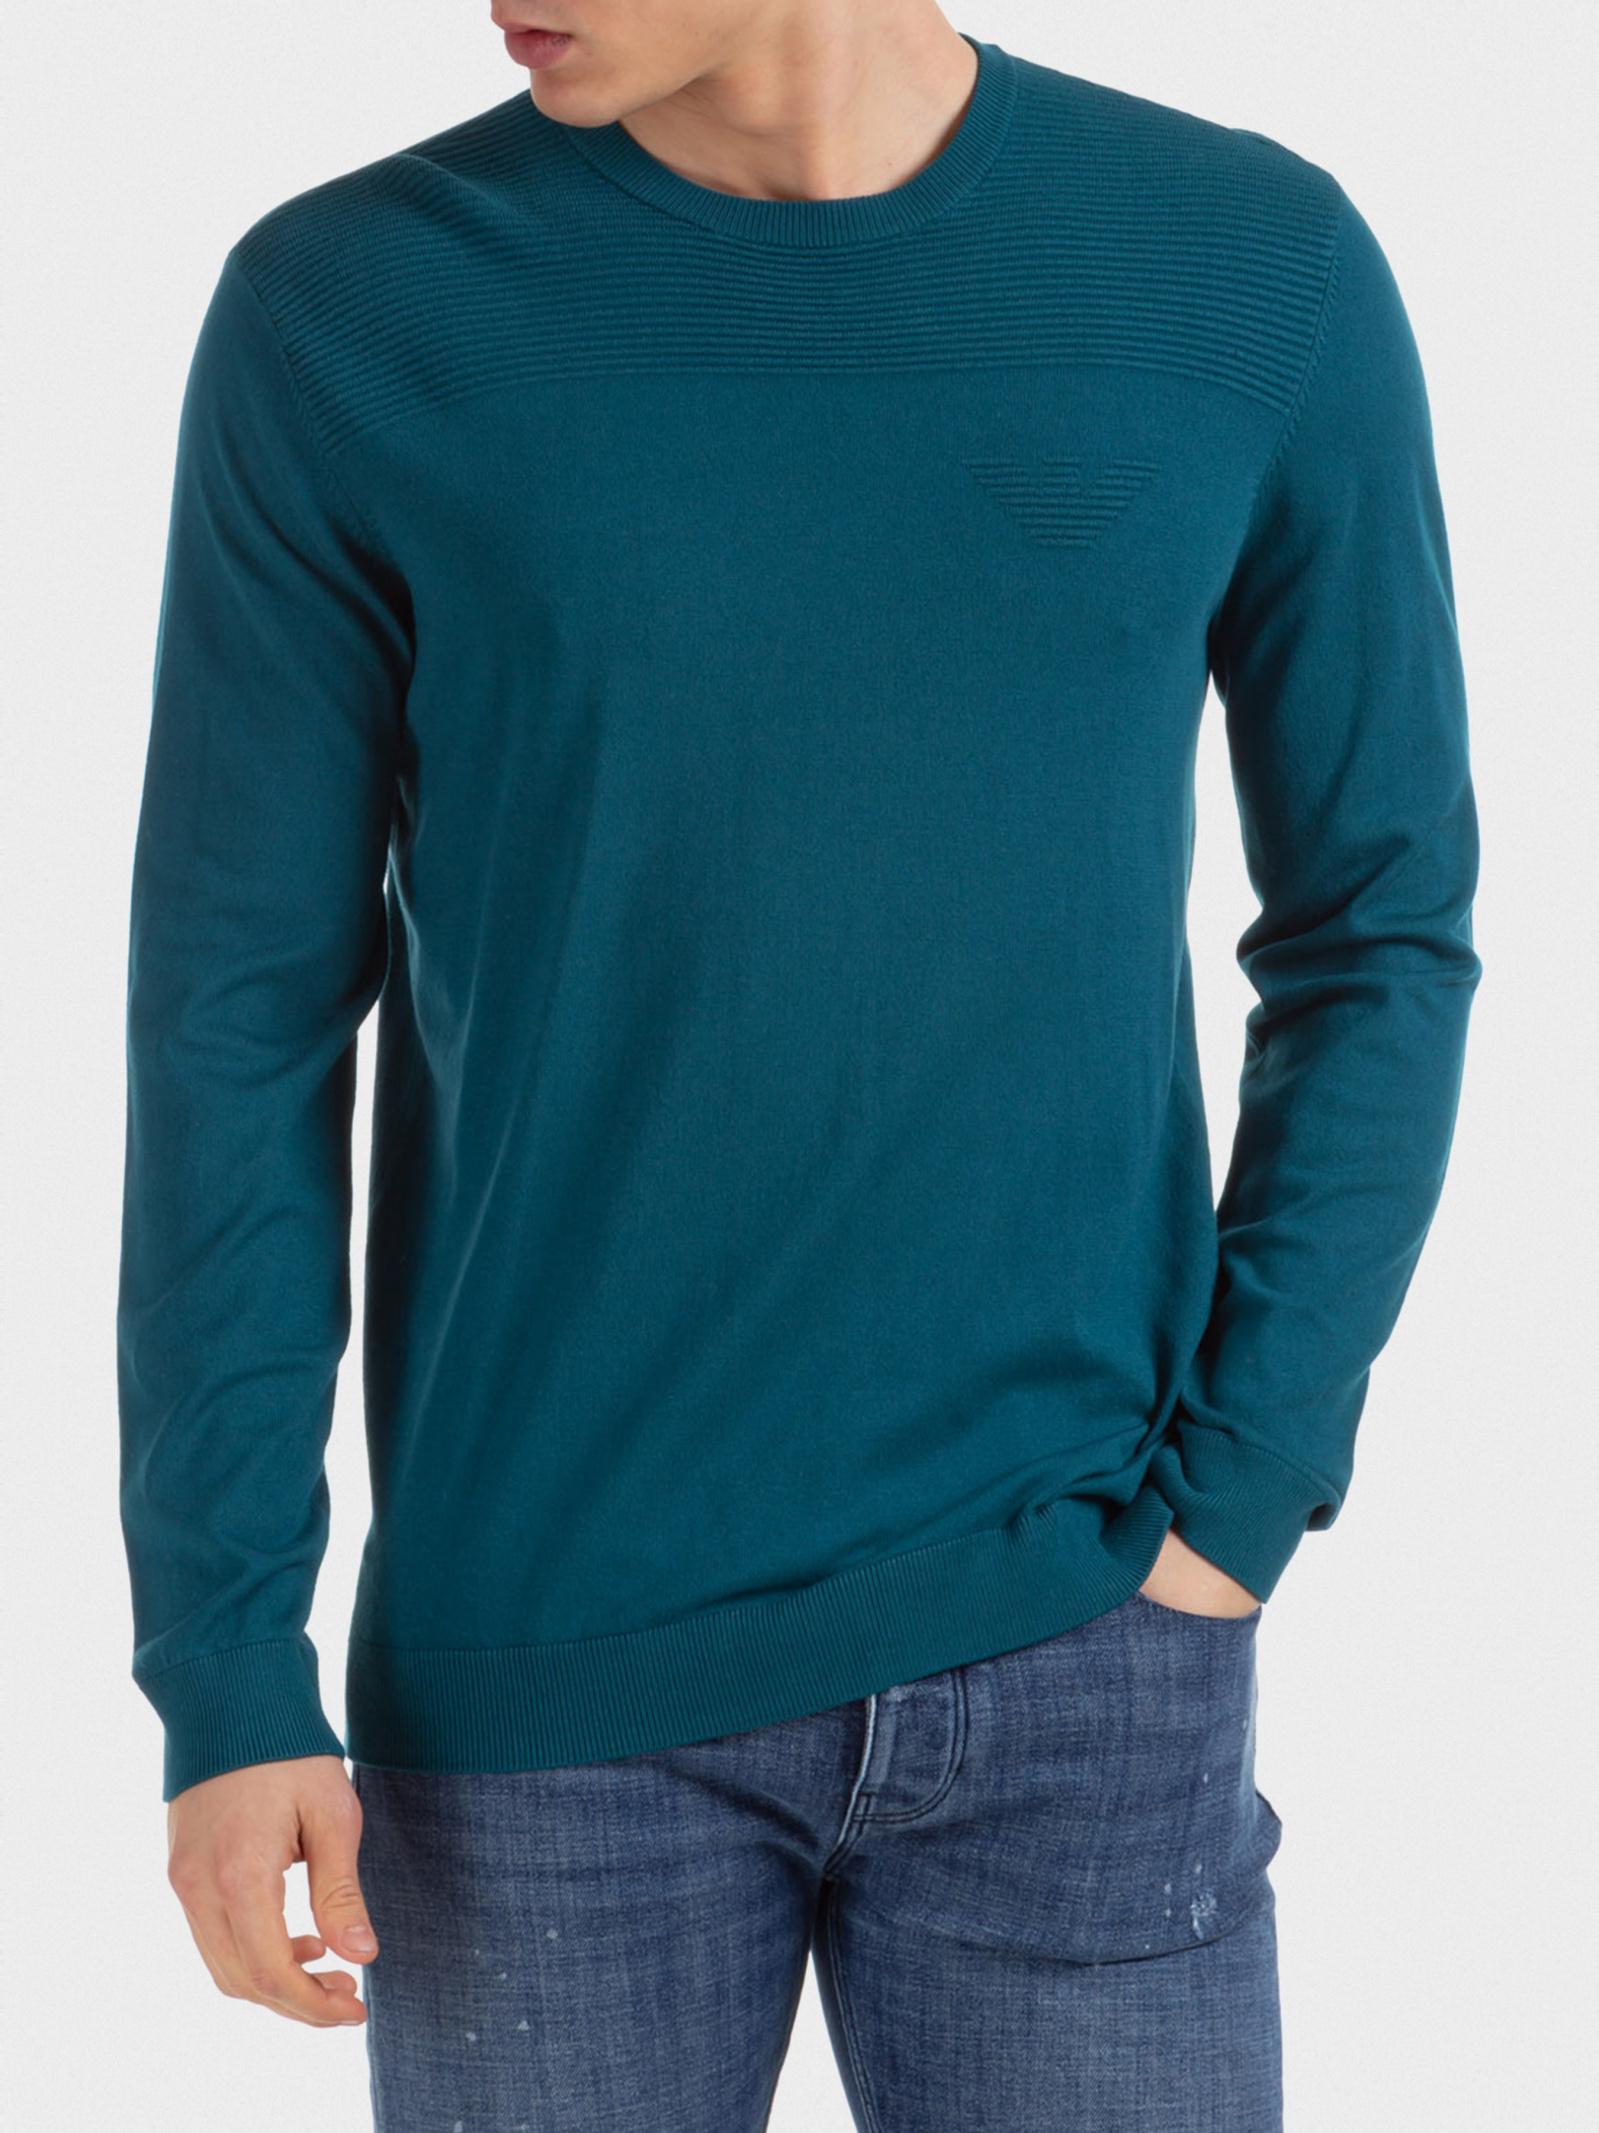 Emporio Armani Кофти та светри чоловічі модель 3H1MY3-1MMSZ-0955 відгуки, 2017